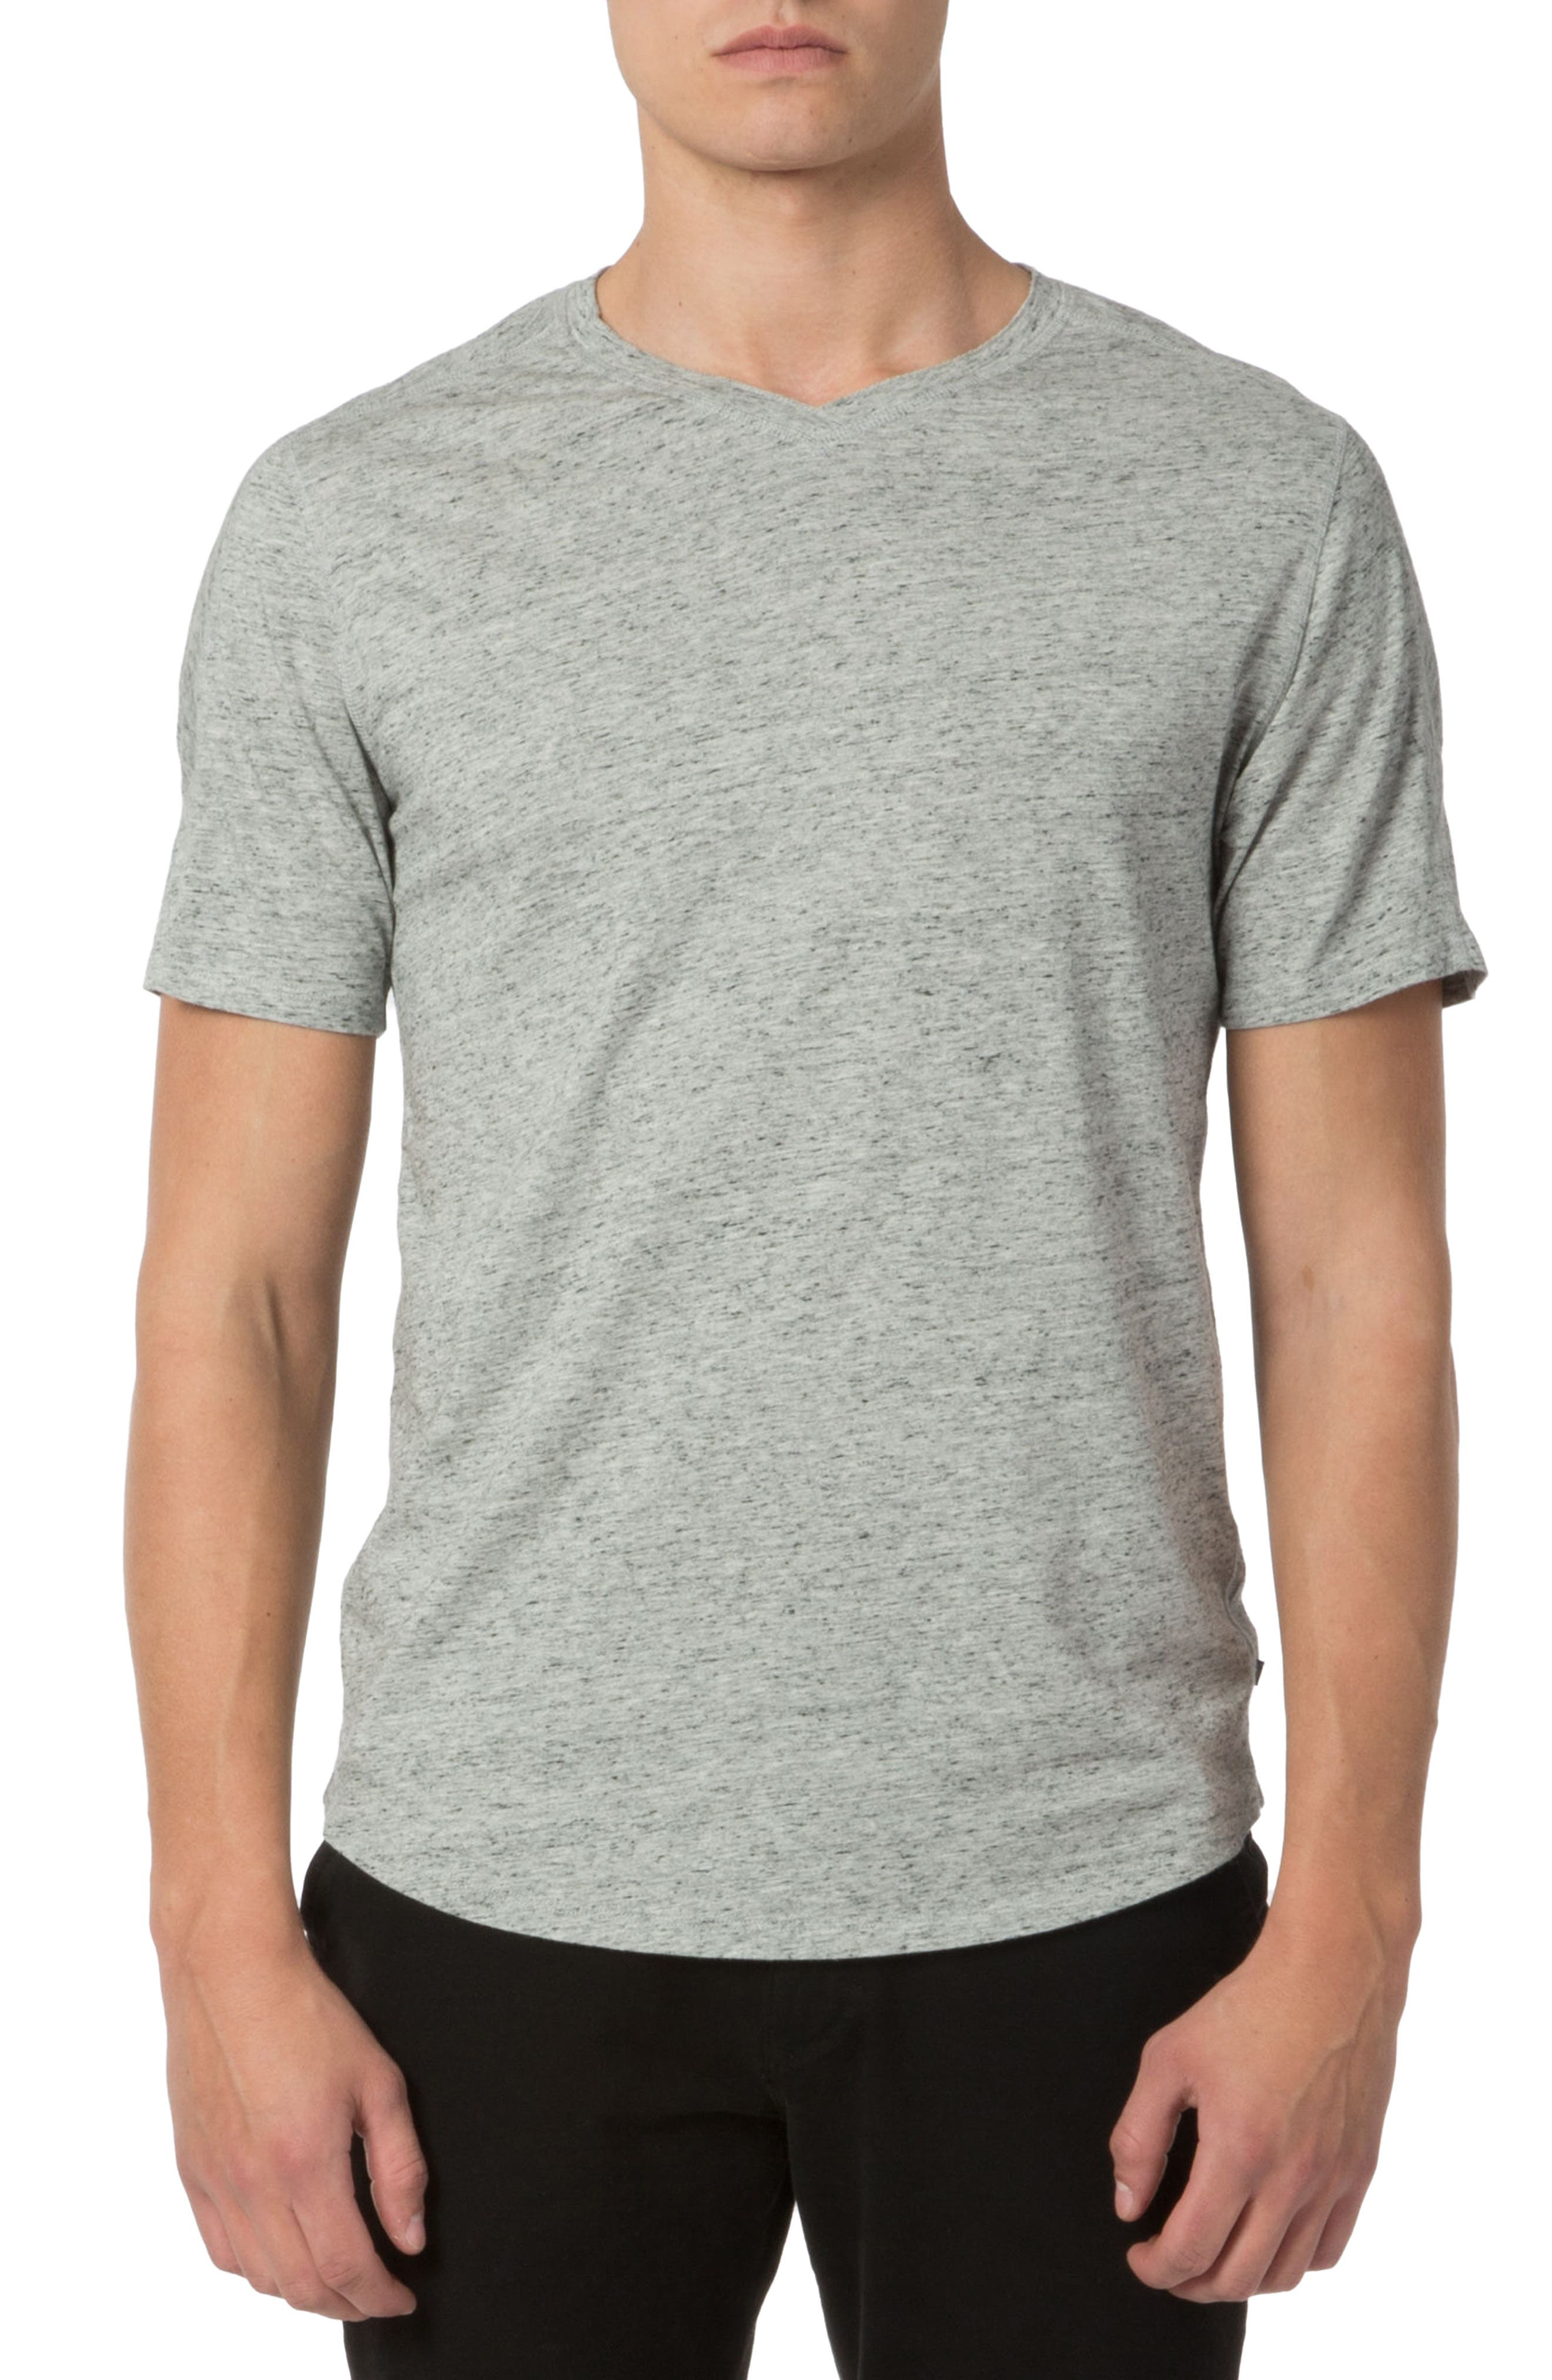 Good Man Brand V-Neck Jersey T-Shirt